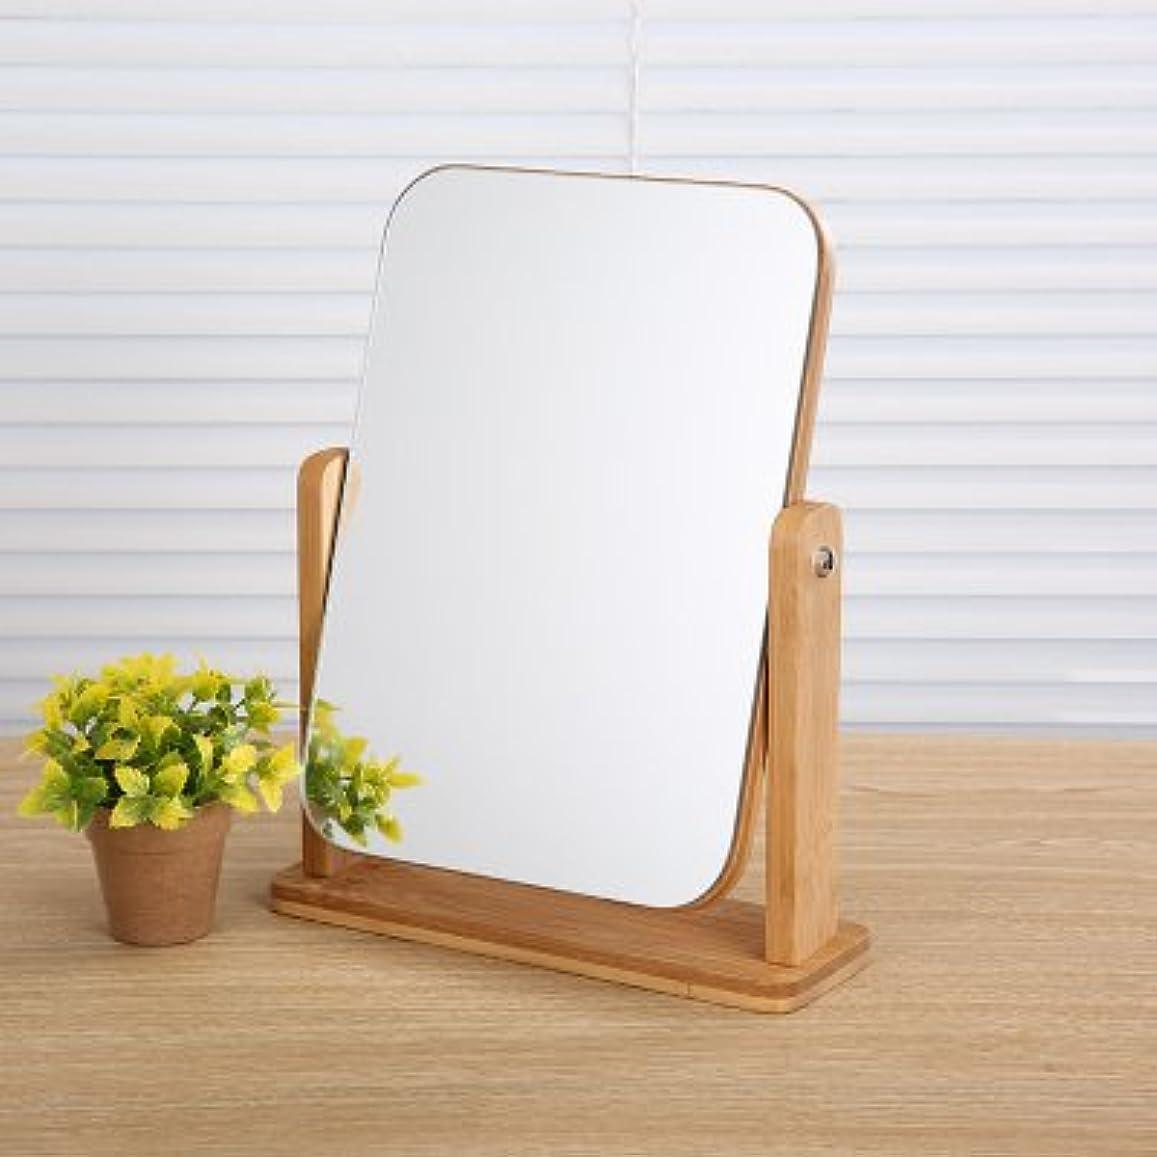 角度調節可能 木枠 コンパクト メイクミラー 卓上ミラー 化粧鏡